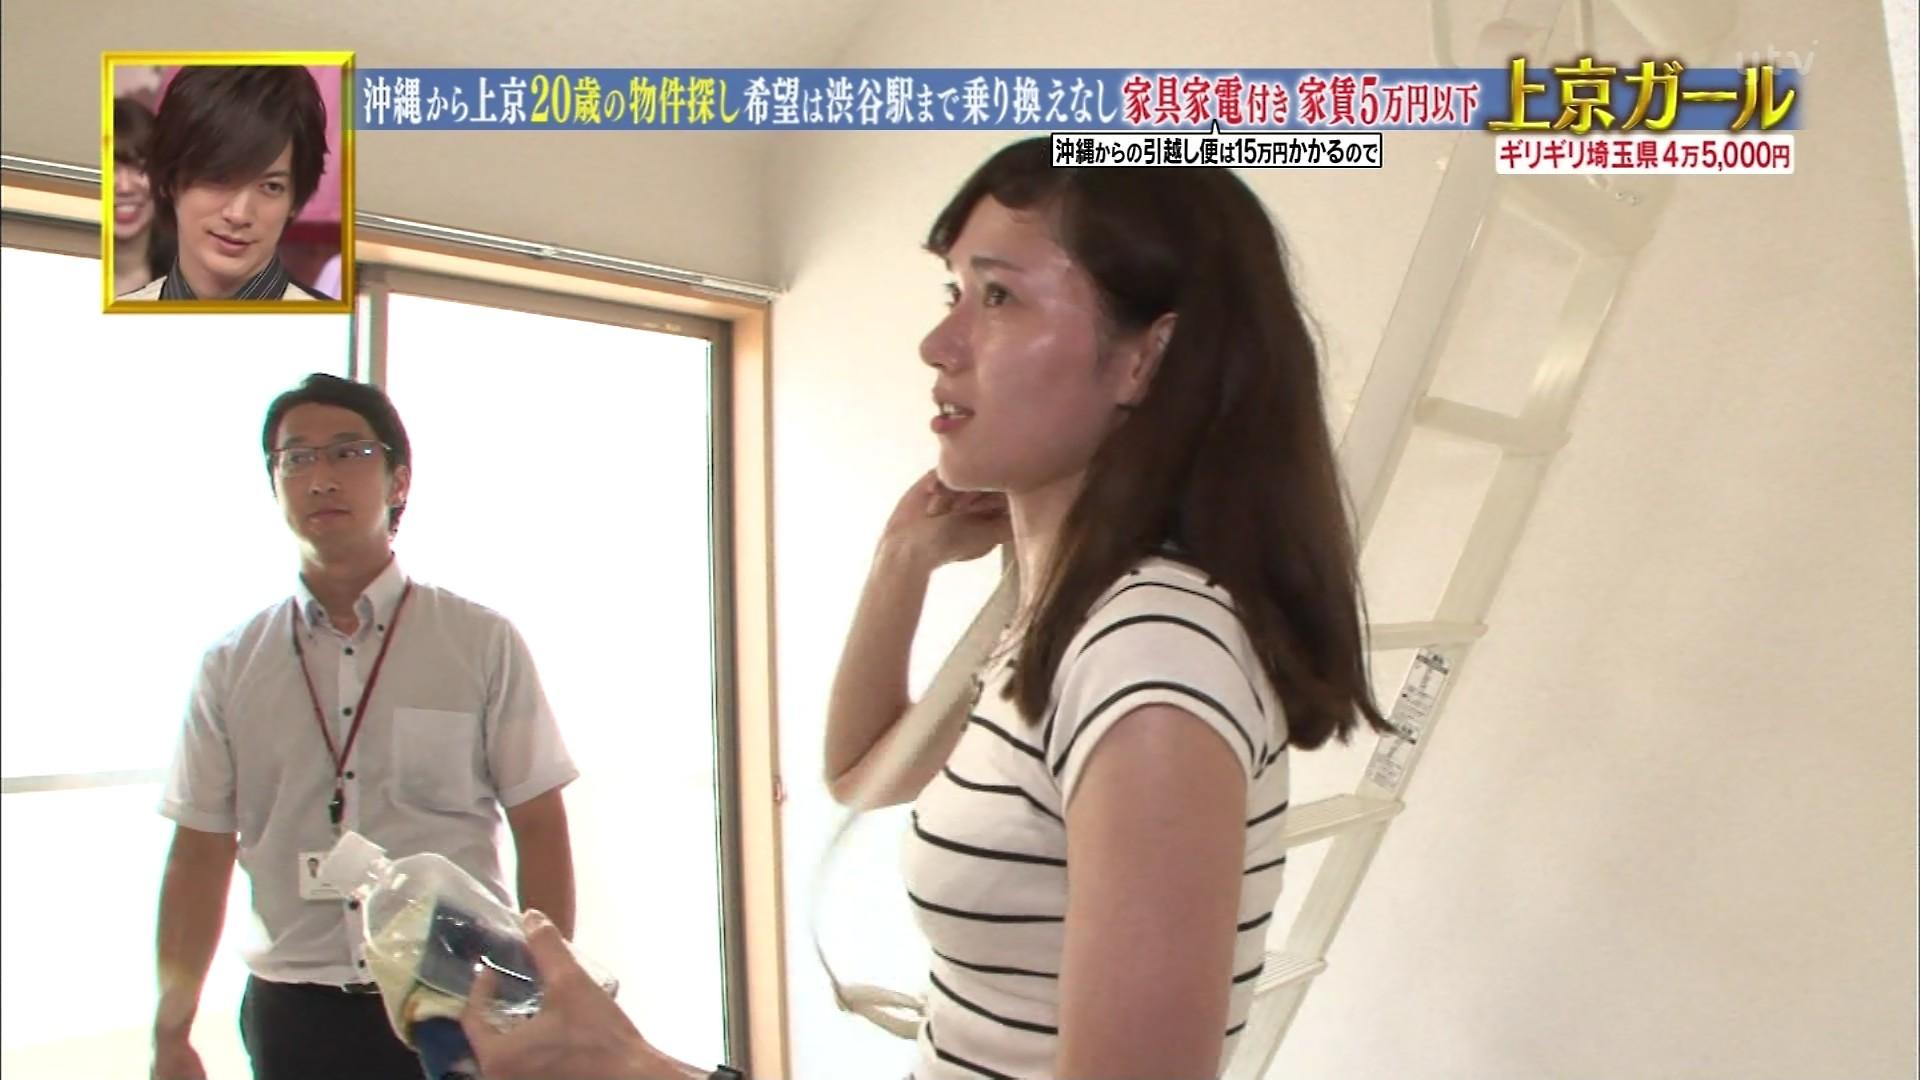 沖縄美女_パンチラ_放送事故_テレビキャプ画像_12